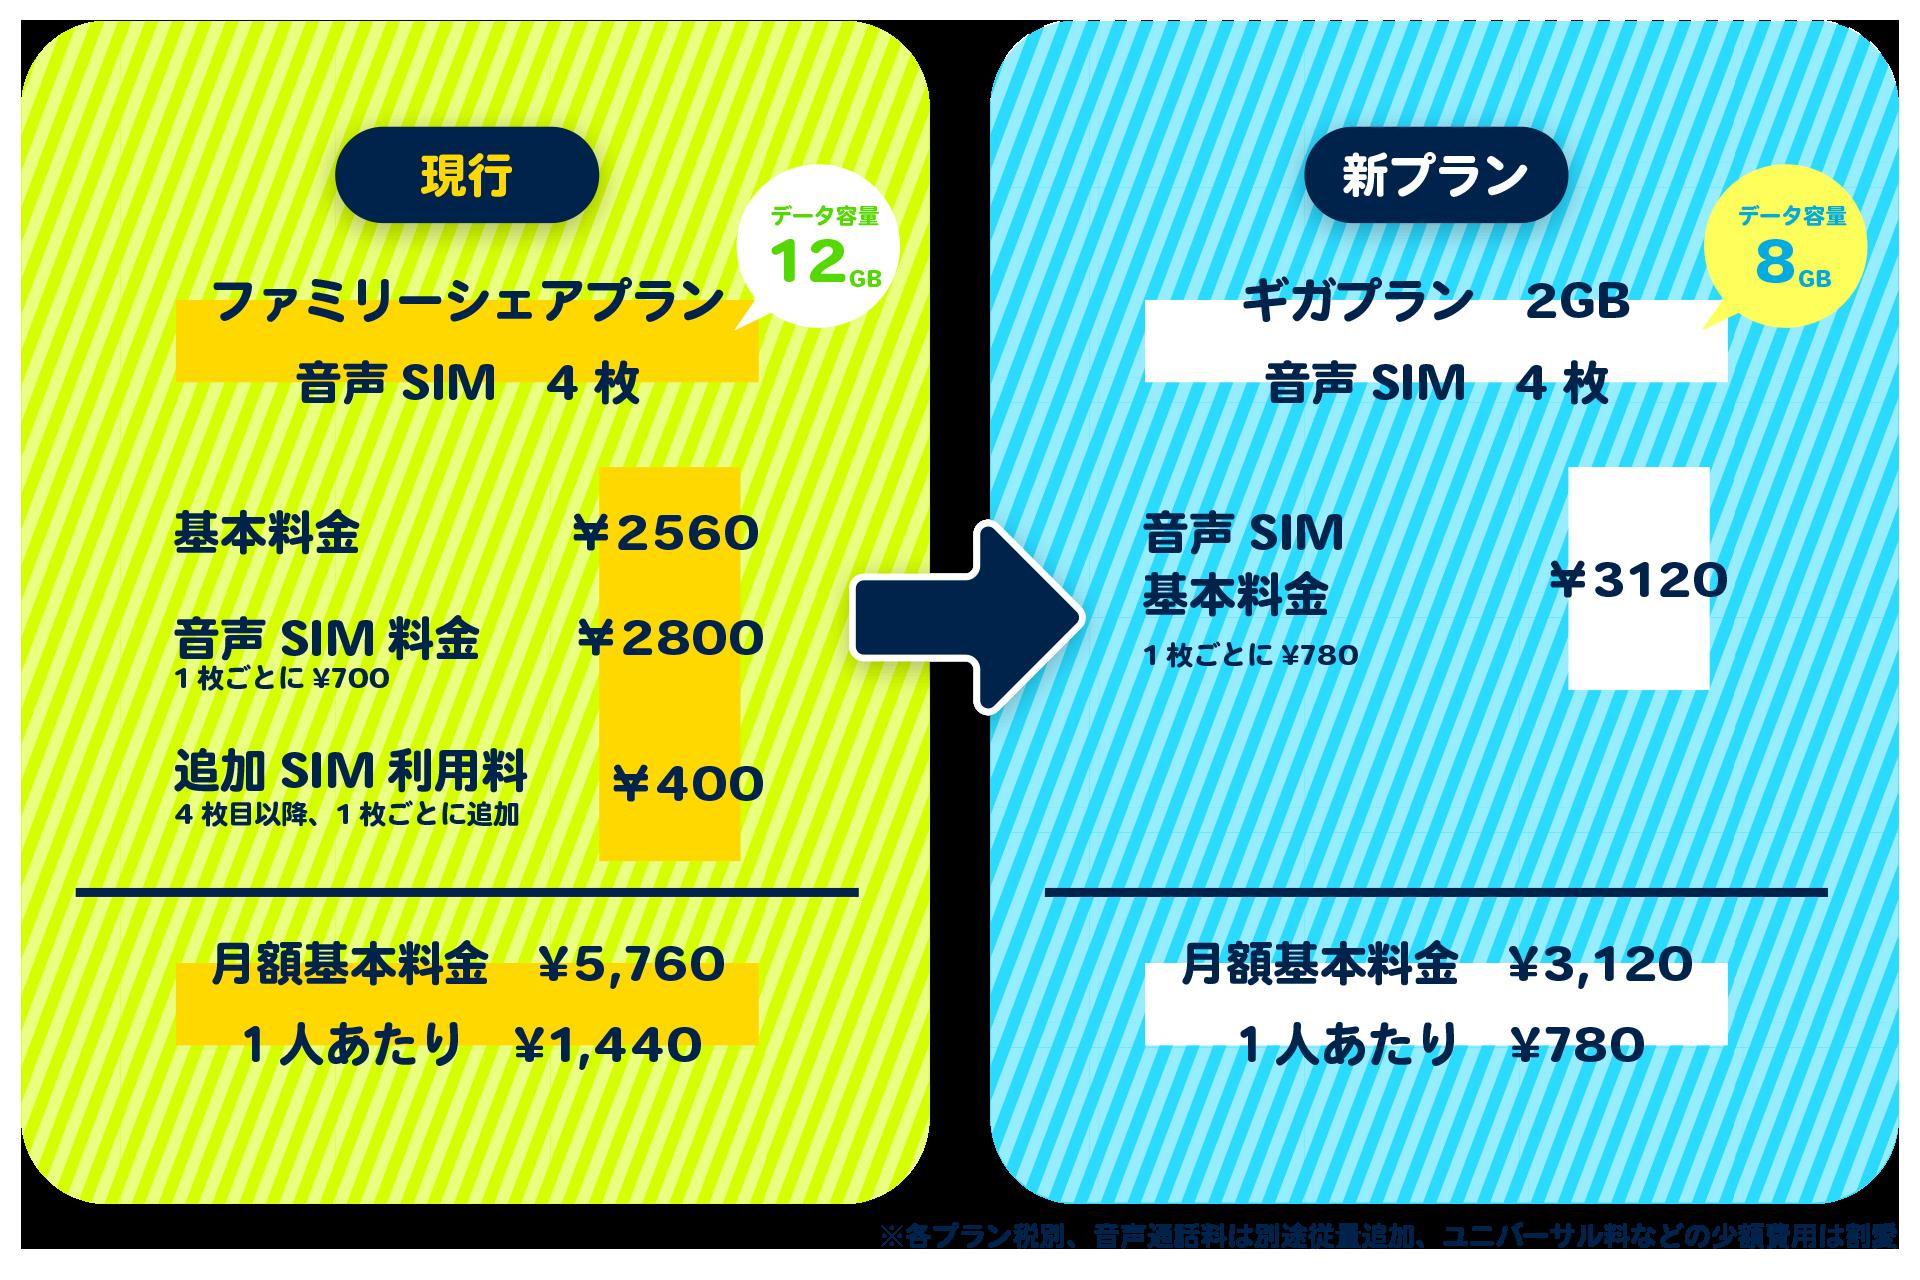 IIJmioのファミリープランからギガプランに移行するといくら安くなる?